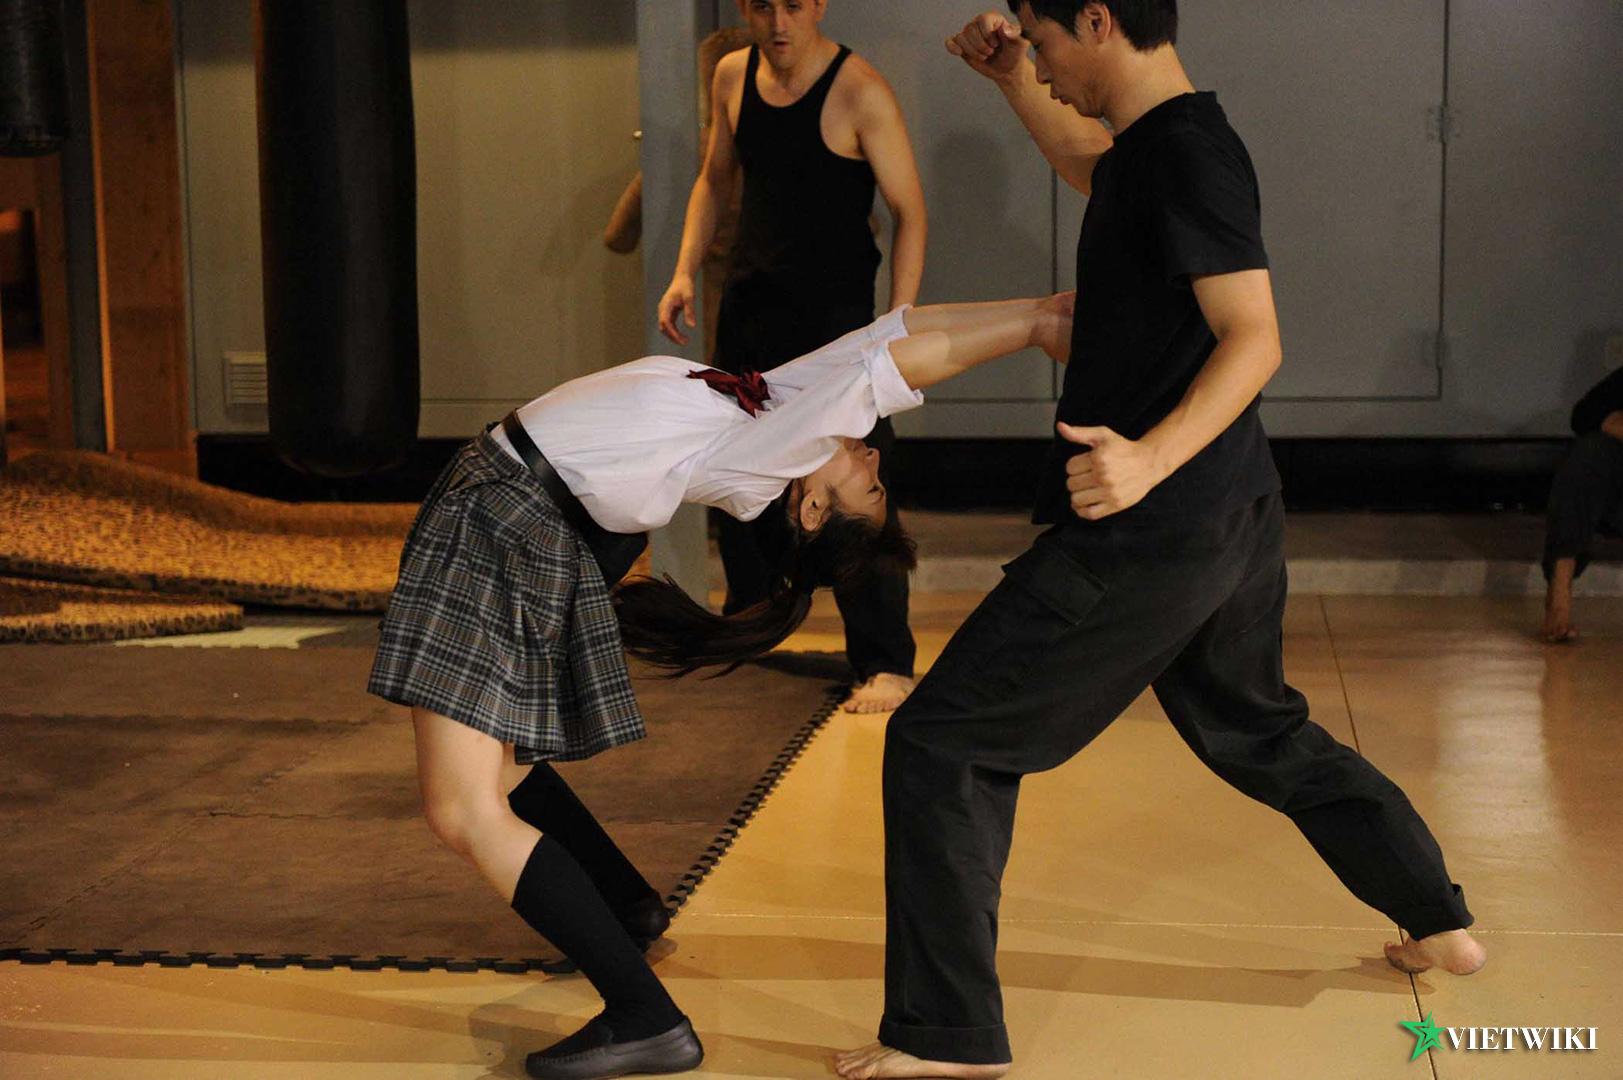 Cảnh trong phim Cô Gái Karate - 3